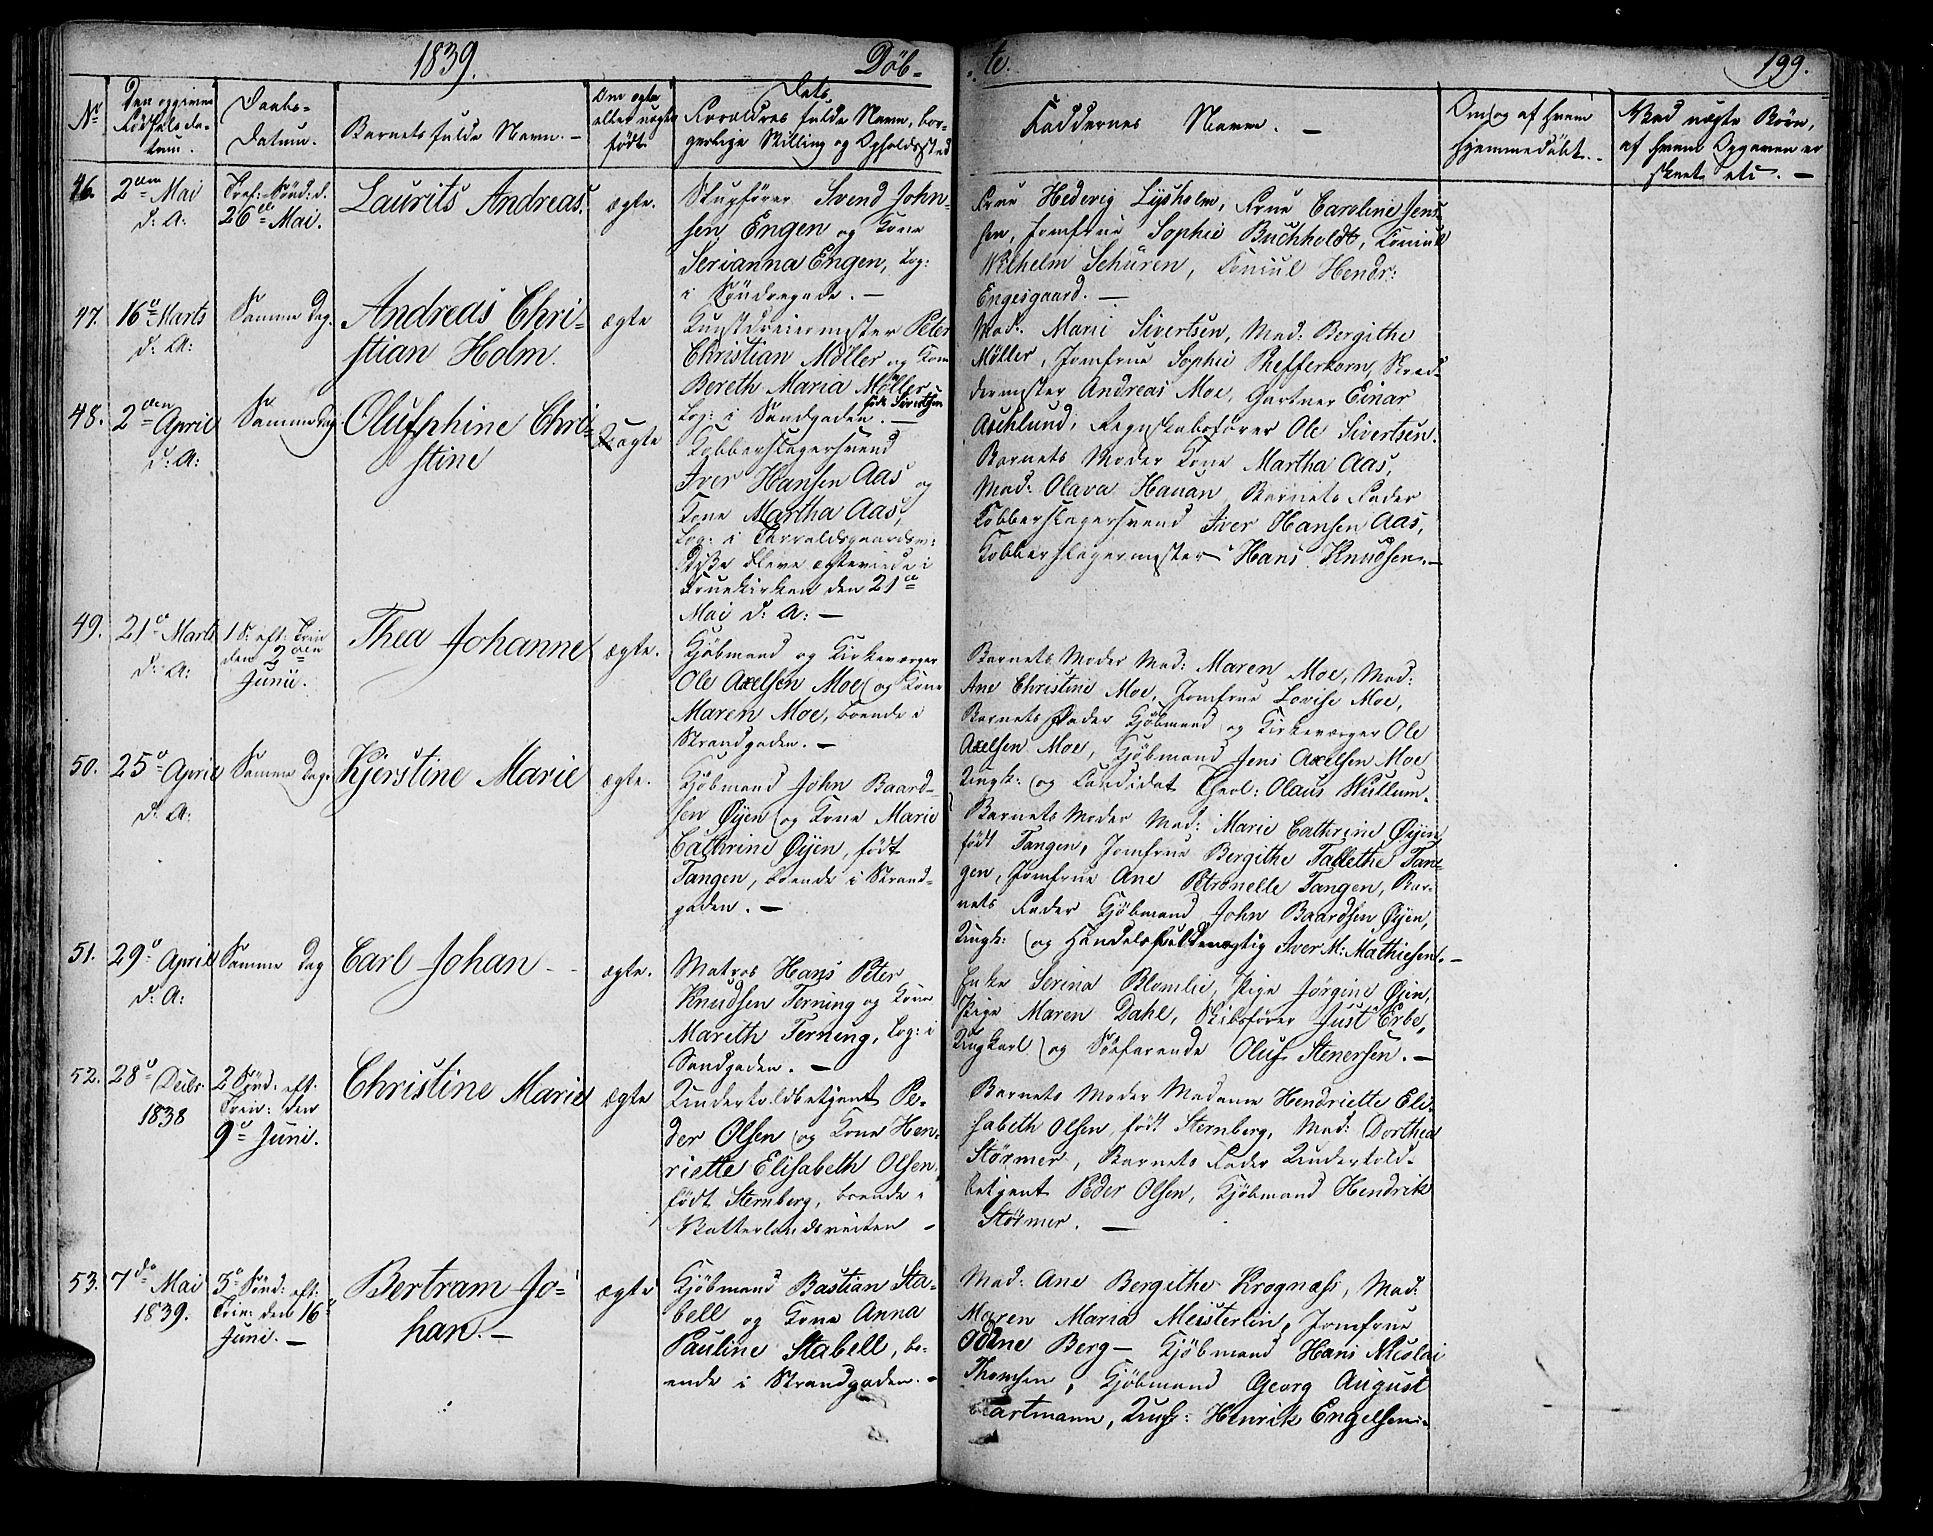 SAT, Ministerialprotokoller, klokkerbøker og fødselsregistre - Sør-Trøndelag, 602/L0108: Ministerialbok nr. 602A06, 1821-1839, s. 199